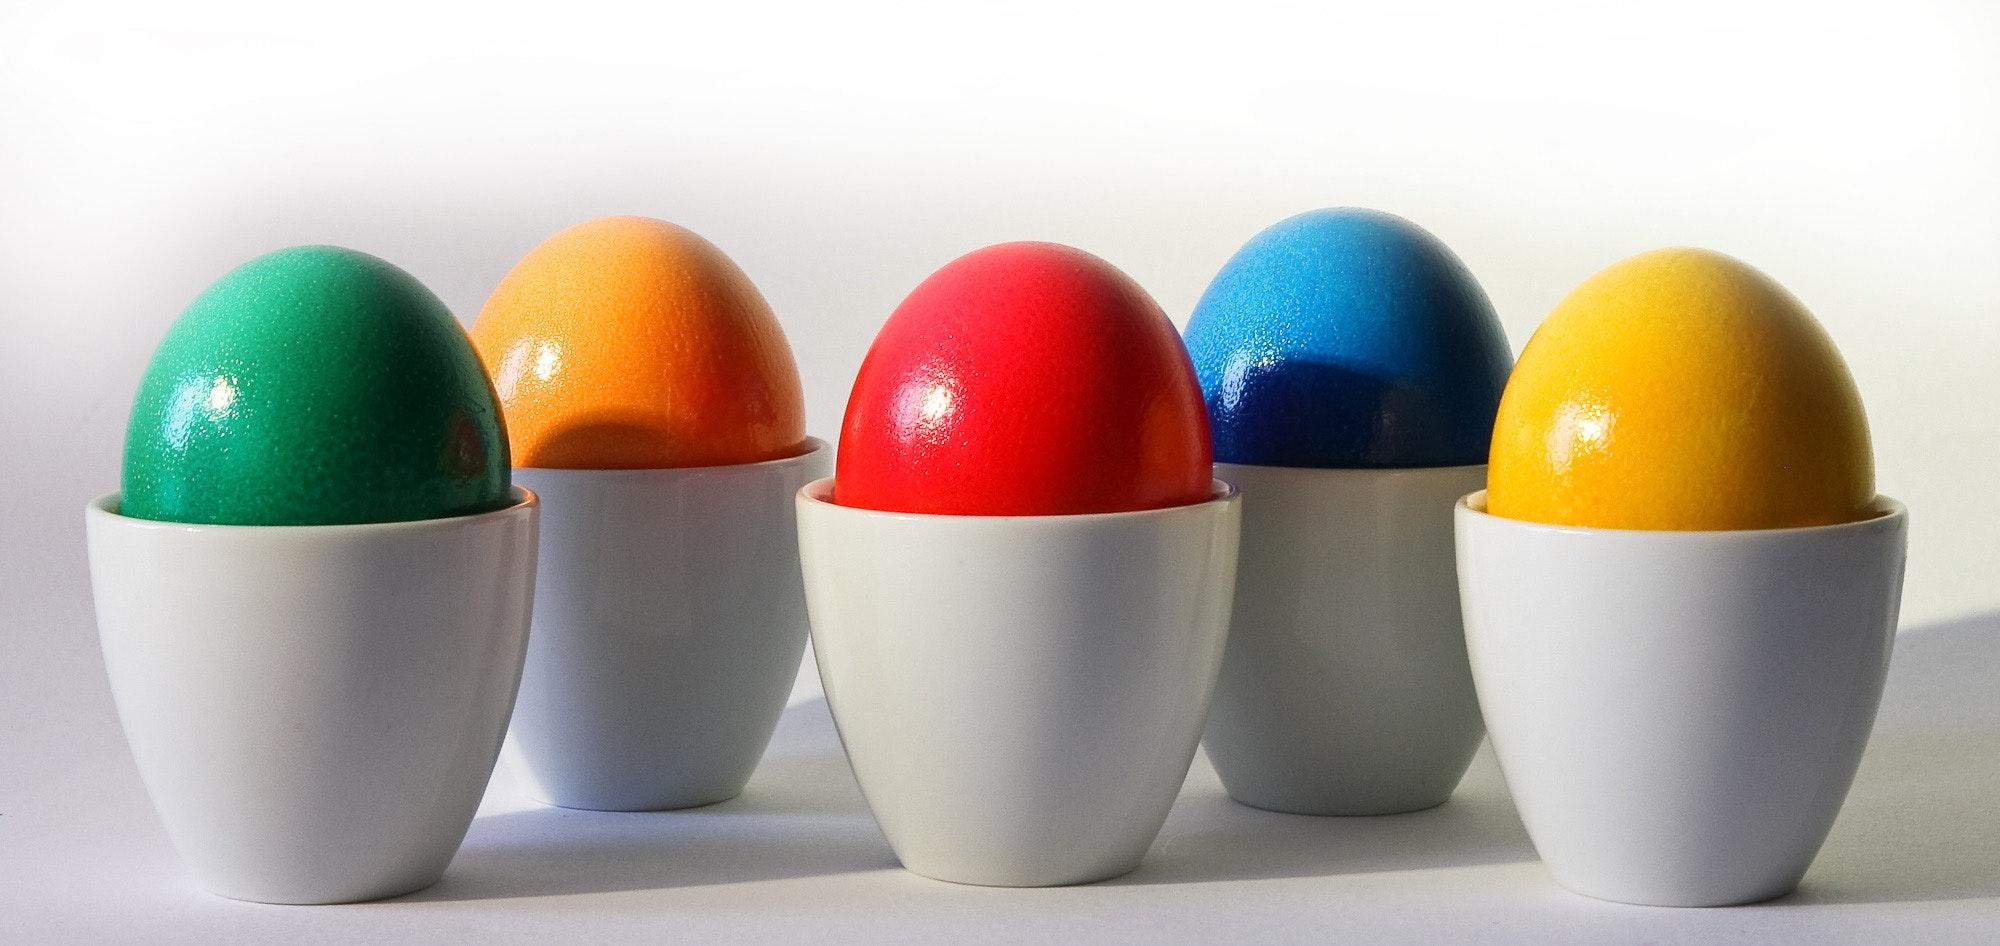 Wielkanoc mniej lubiana?